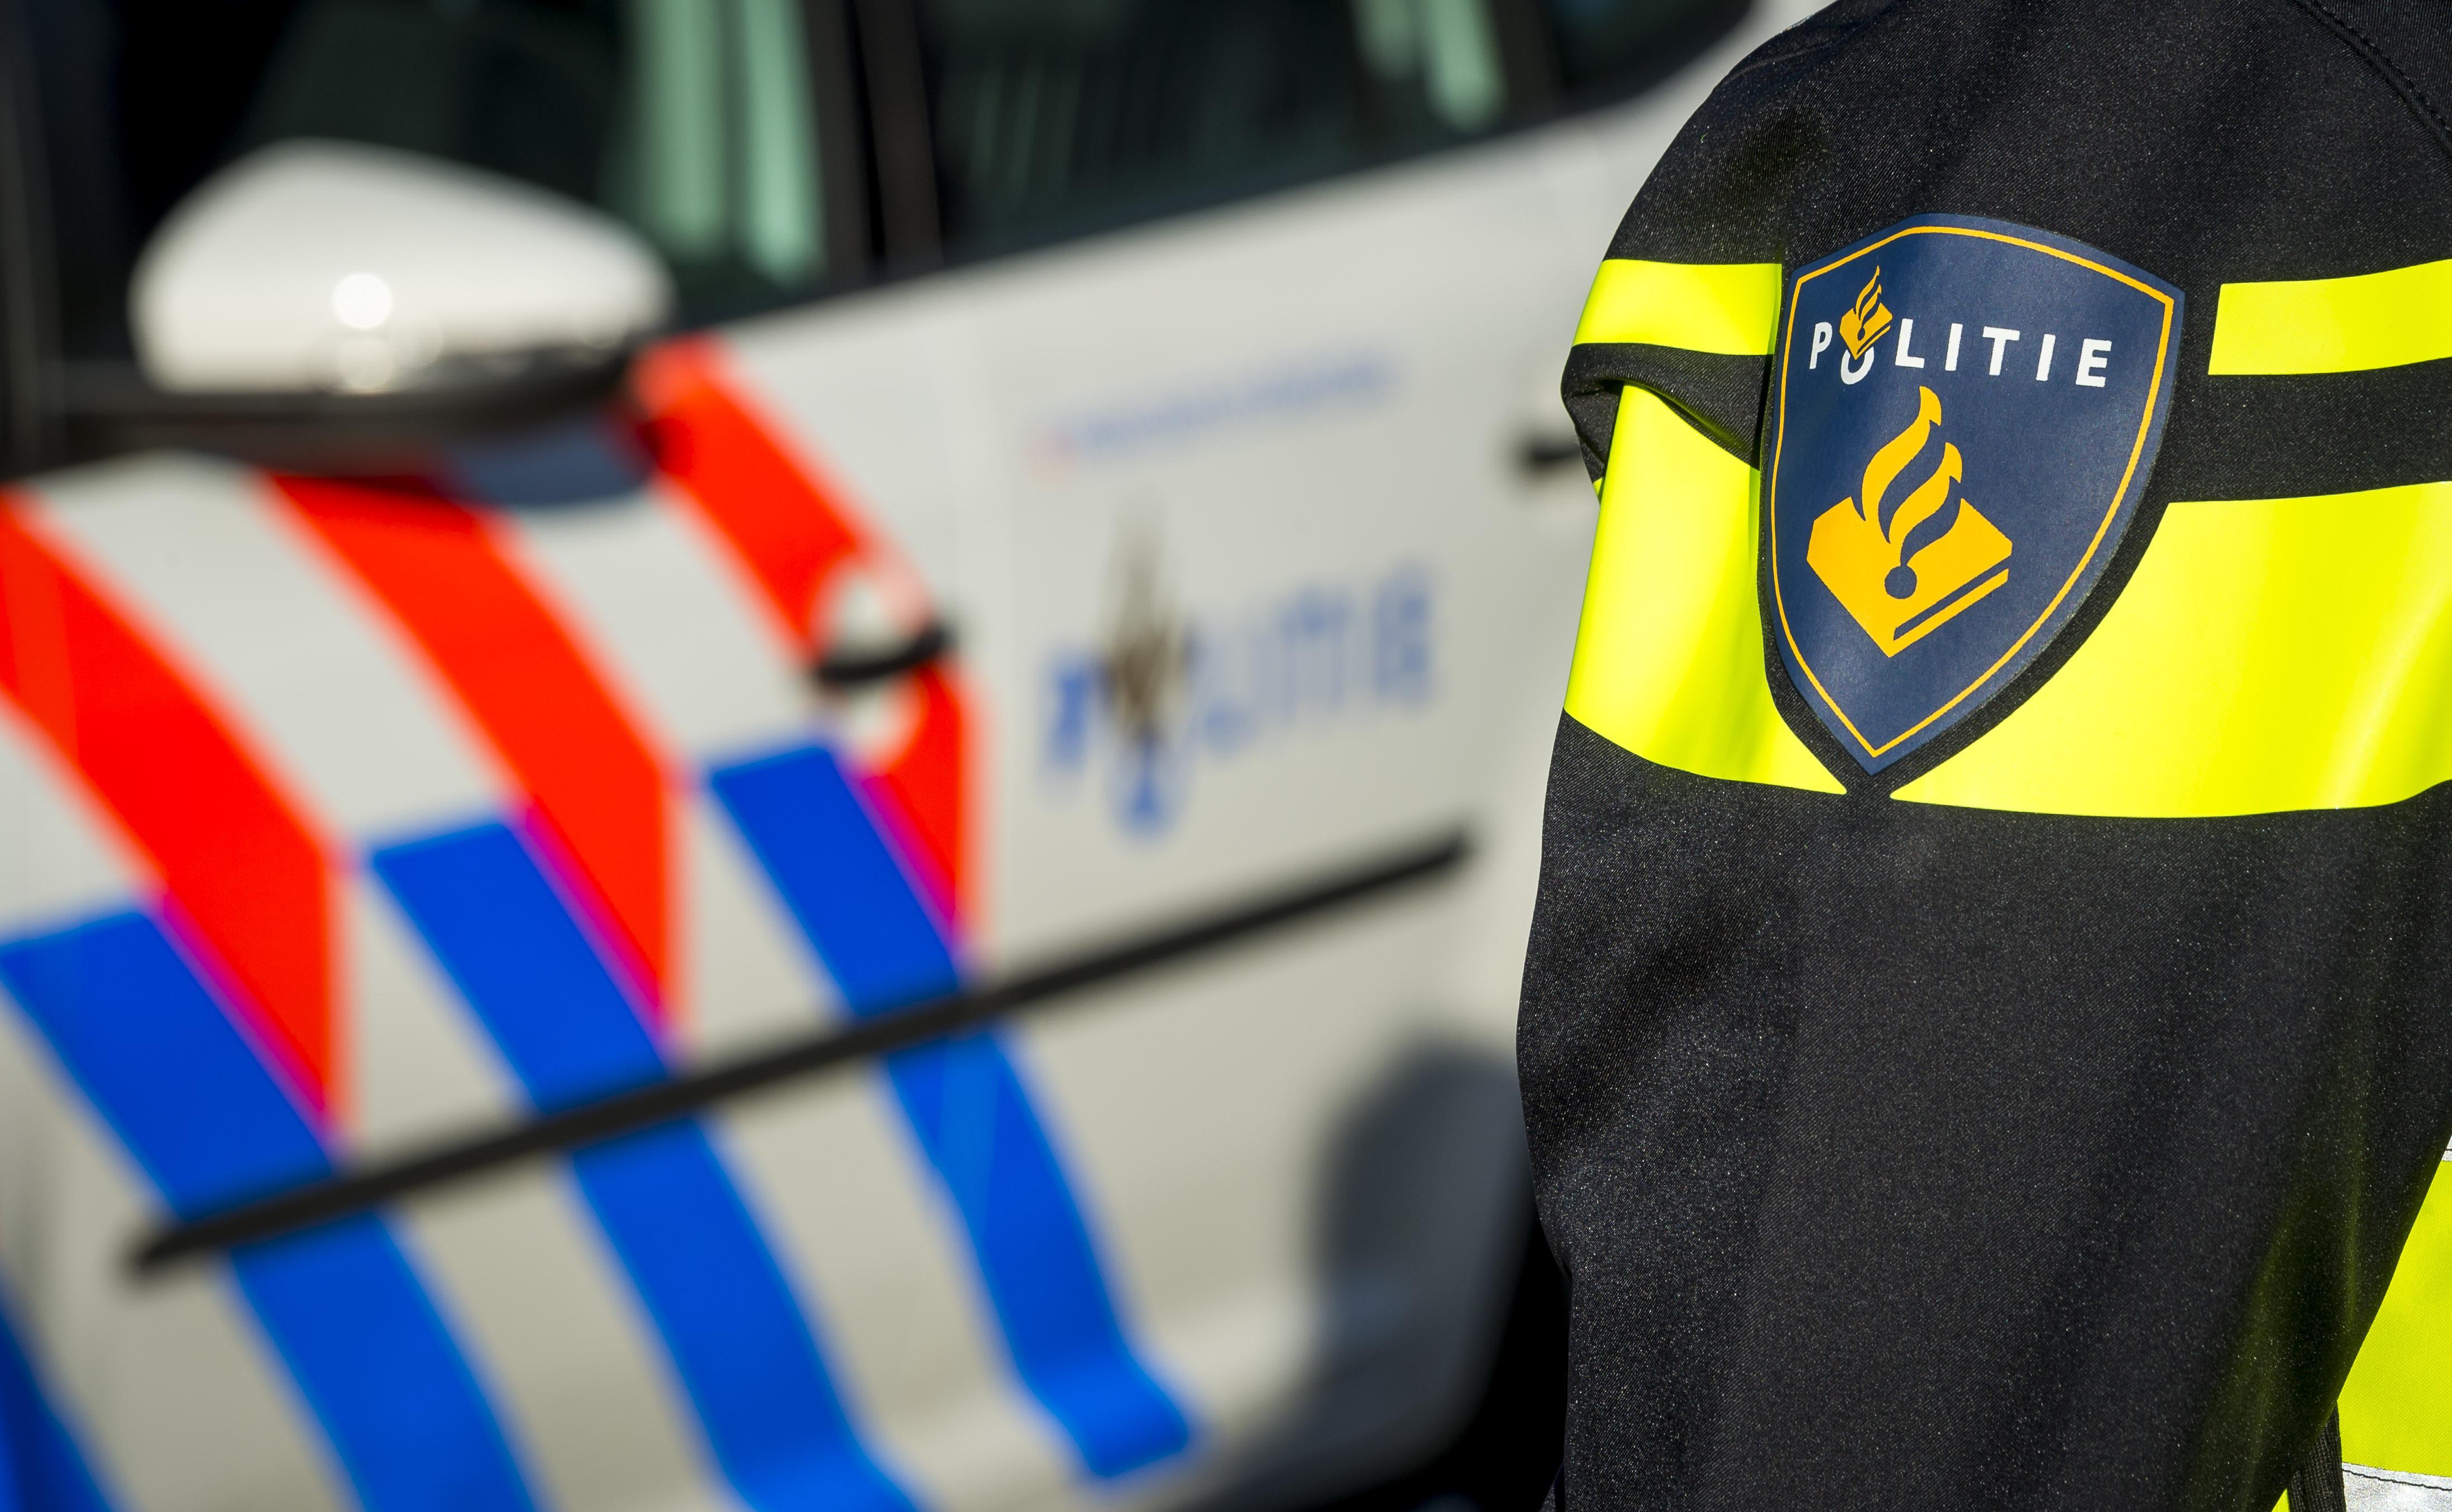 Obdammer (19) aangehouden voor plegen van ramkraak bij loods met gestolen bestelbus